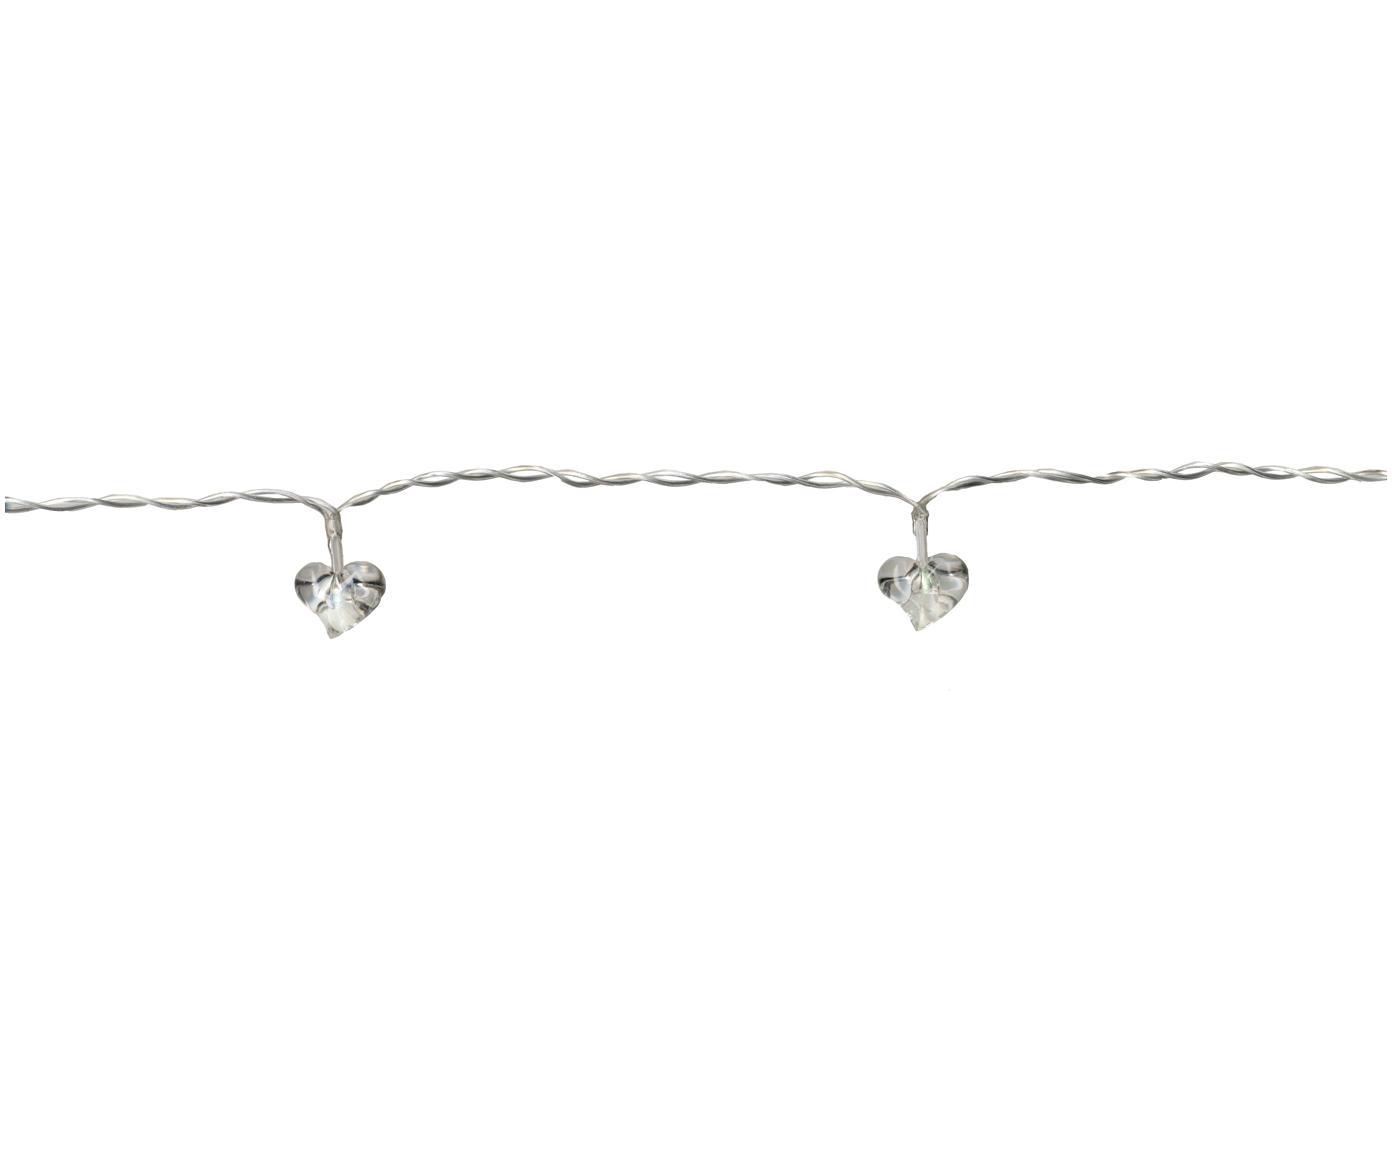 Girlanda świetlna LED Heart, 135 cm, Tworzywo sztuczne, Transparentny, D 135 cm